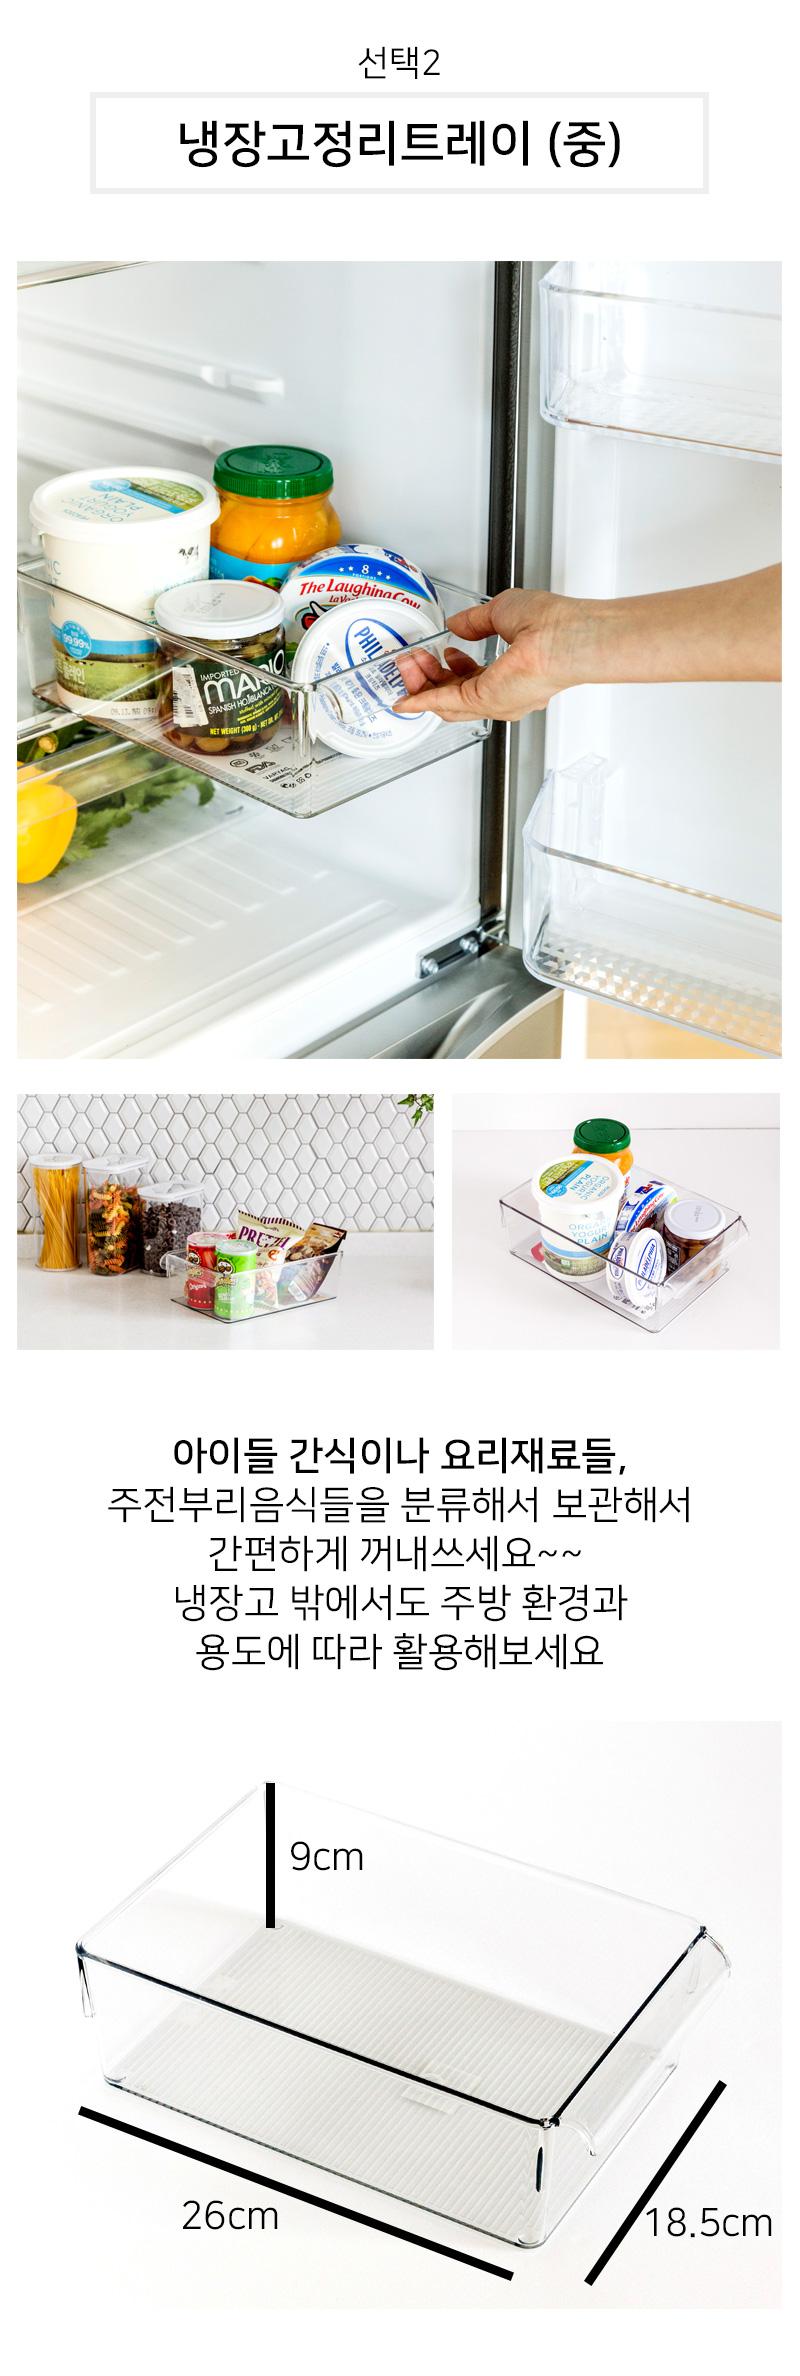 냉장고 수납 정리 트레이 - 비주하우스, 6,900원, 주방수납용품, 수납함